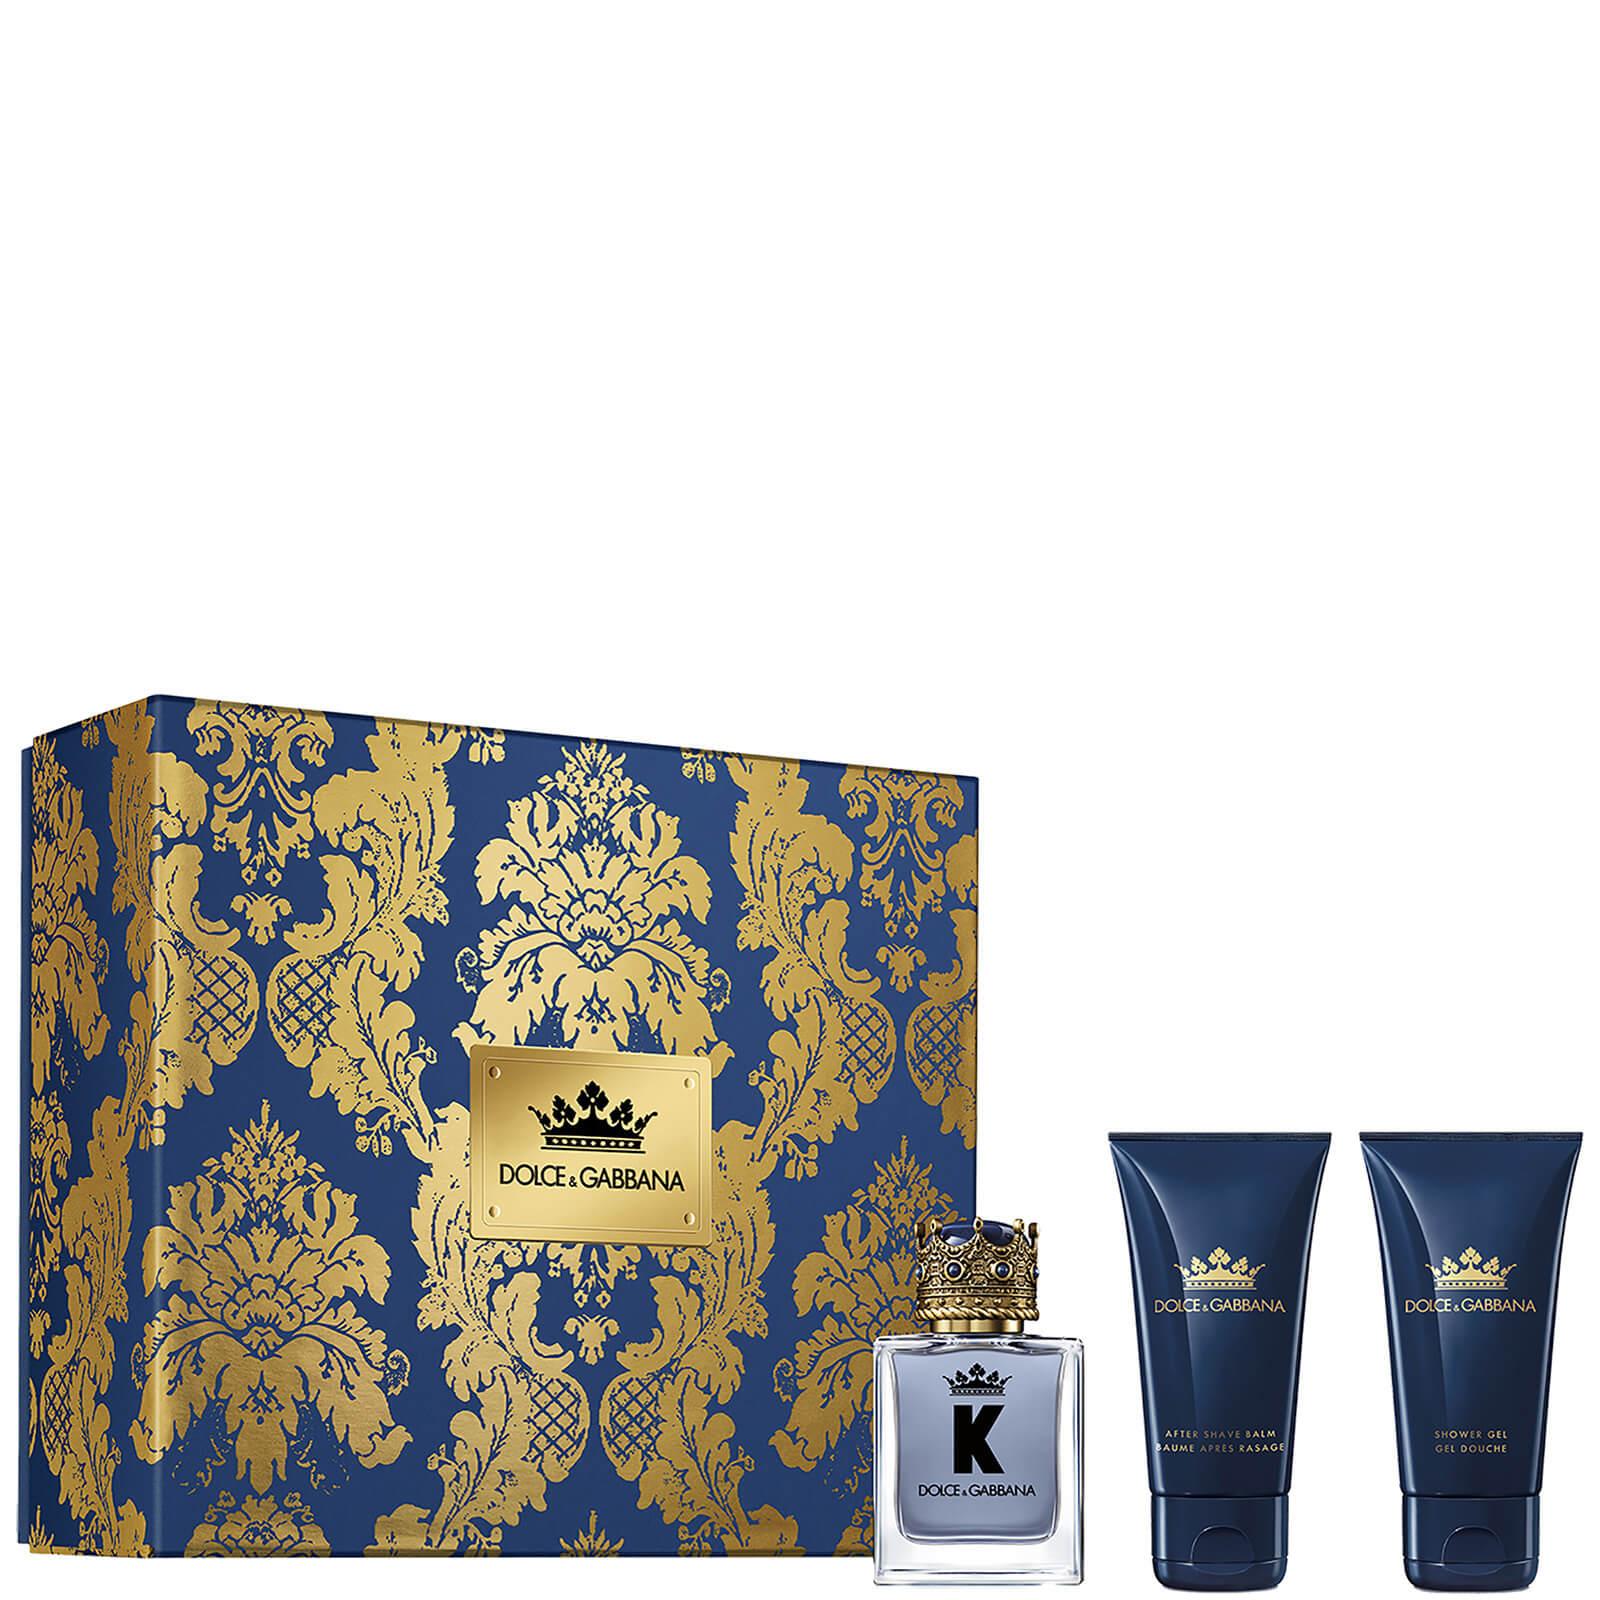 Image of Dolce&Gabbana K Eau de Toilette Set - 50ml